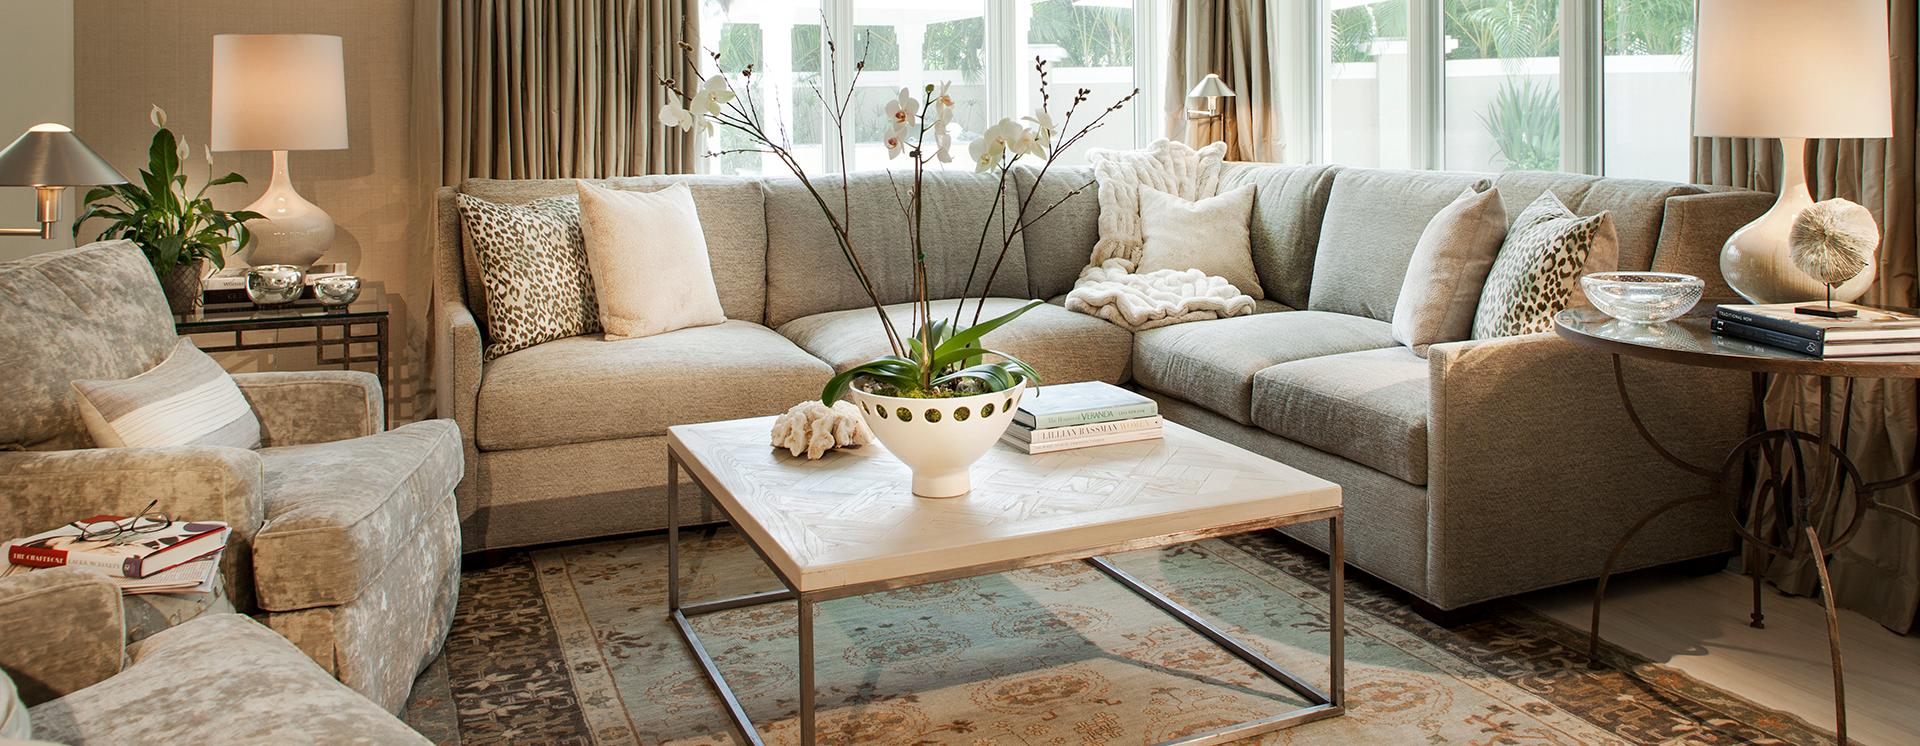 Magnolia Inspiring Interiors